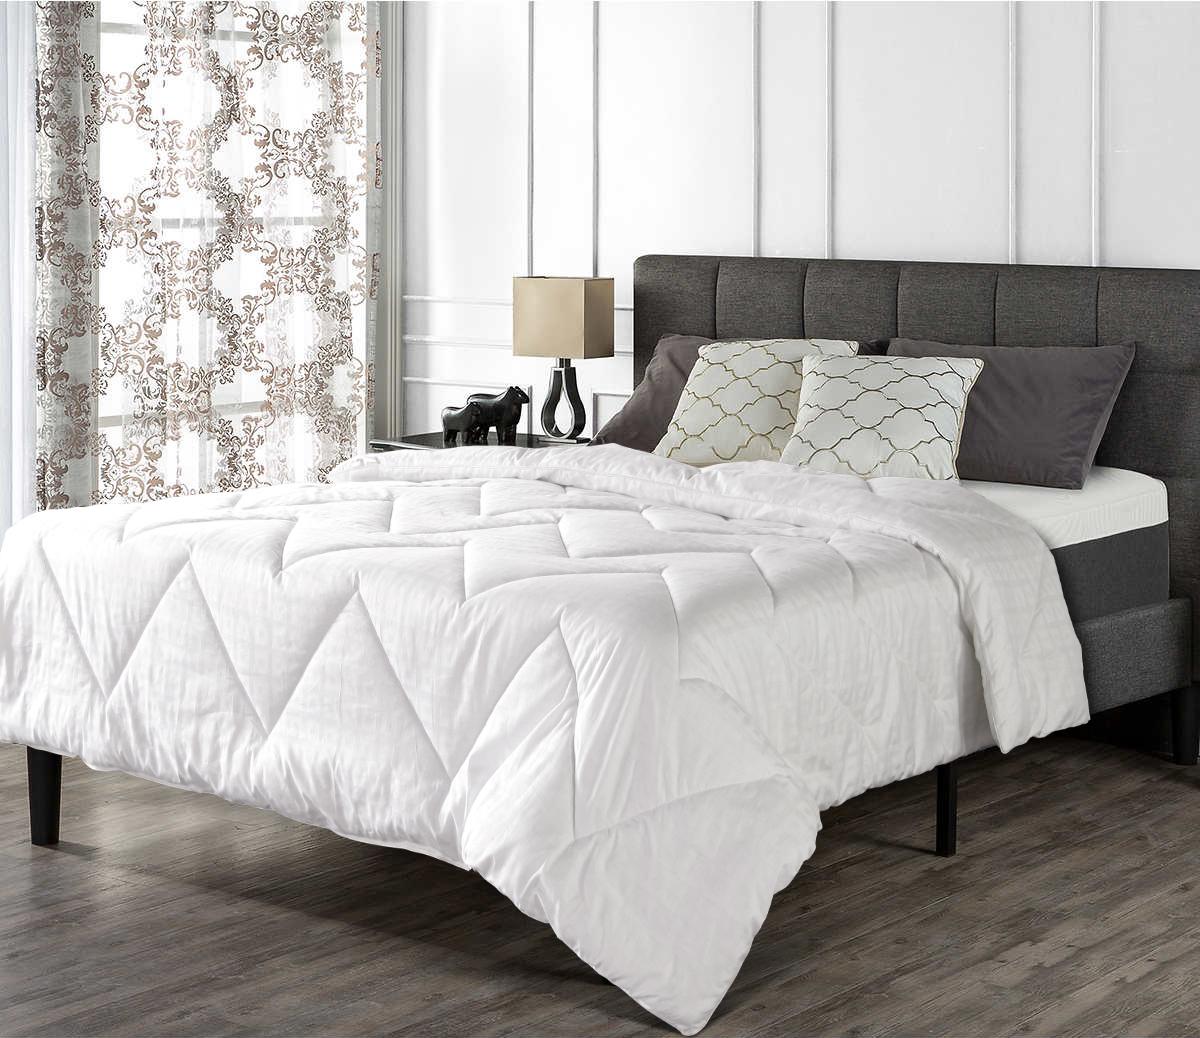 Купить Одеяла Tango, Одеяло Cashmere Всесезонное (200х220 см), Китай, Белый, Хлопковый страйп-сатин